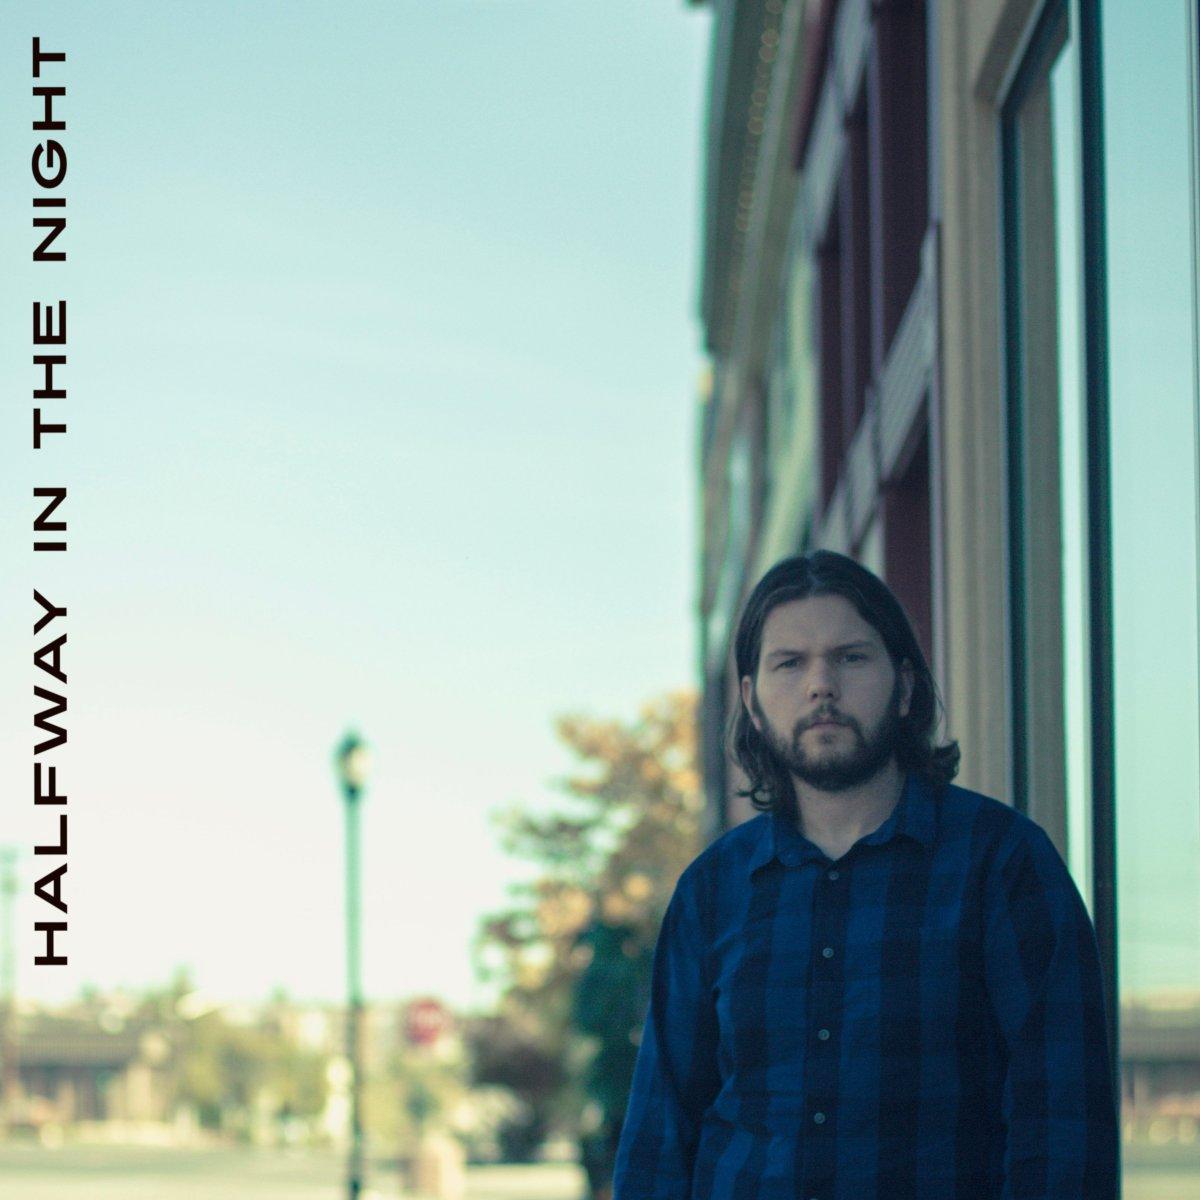 NEW MUSIC: Trevor Stott